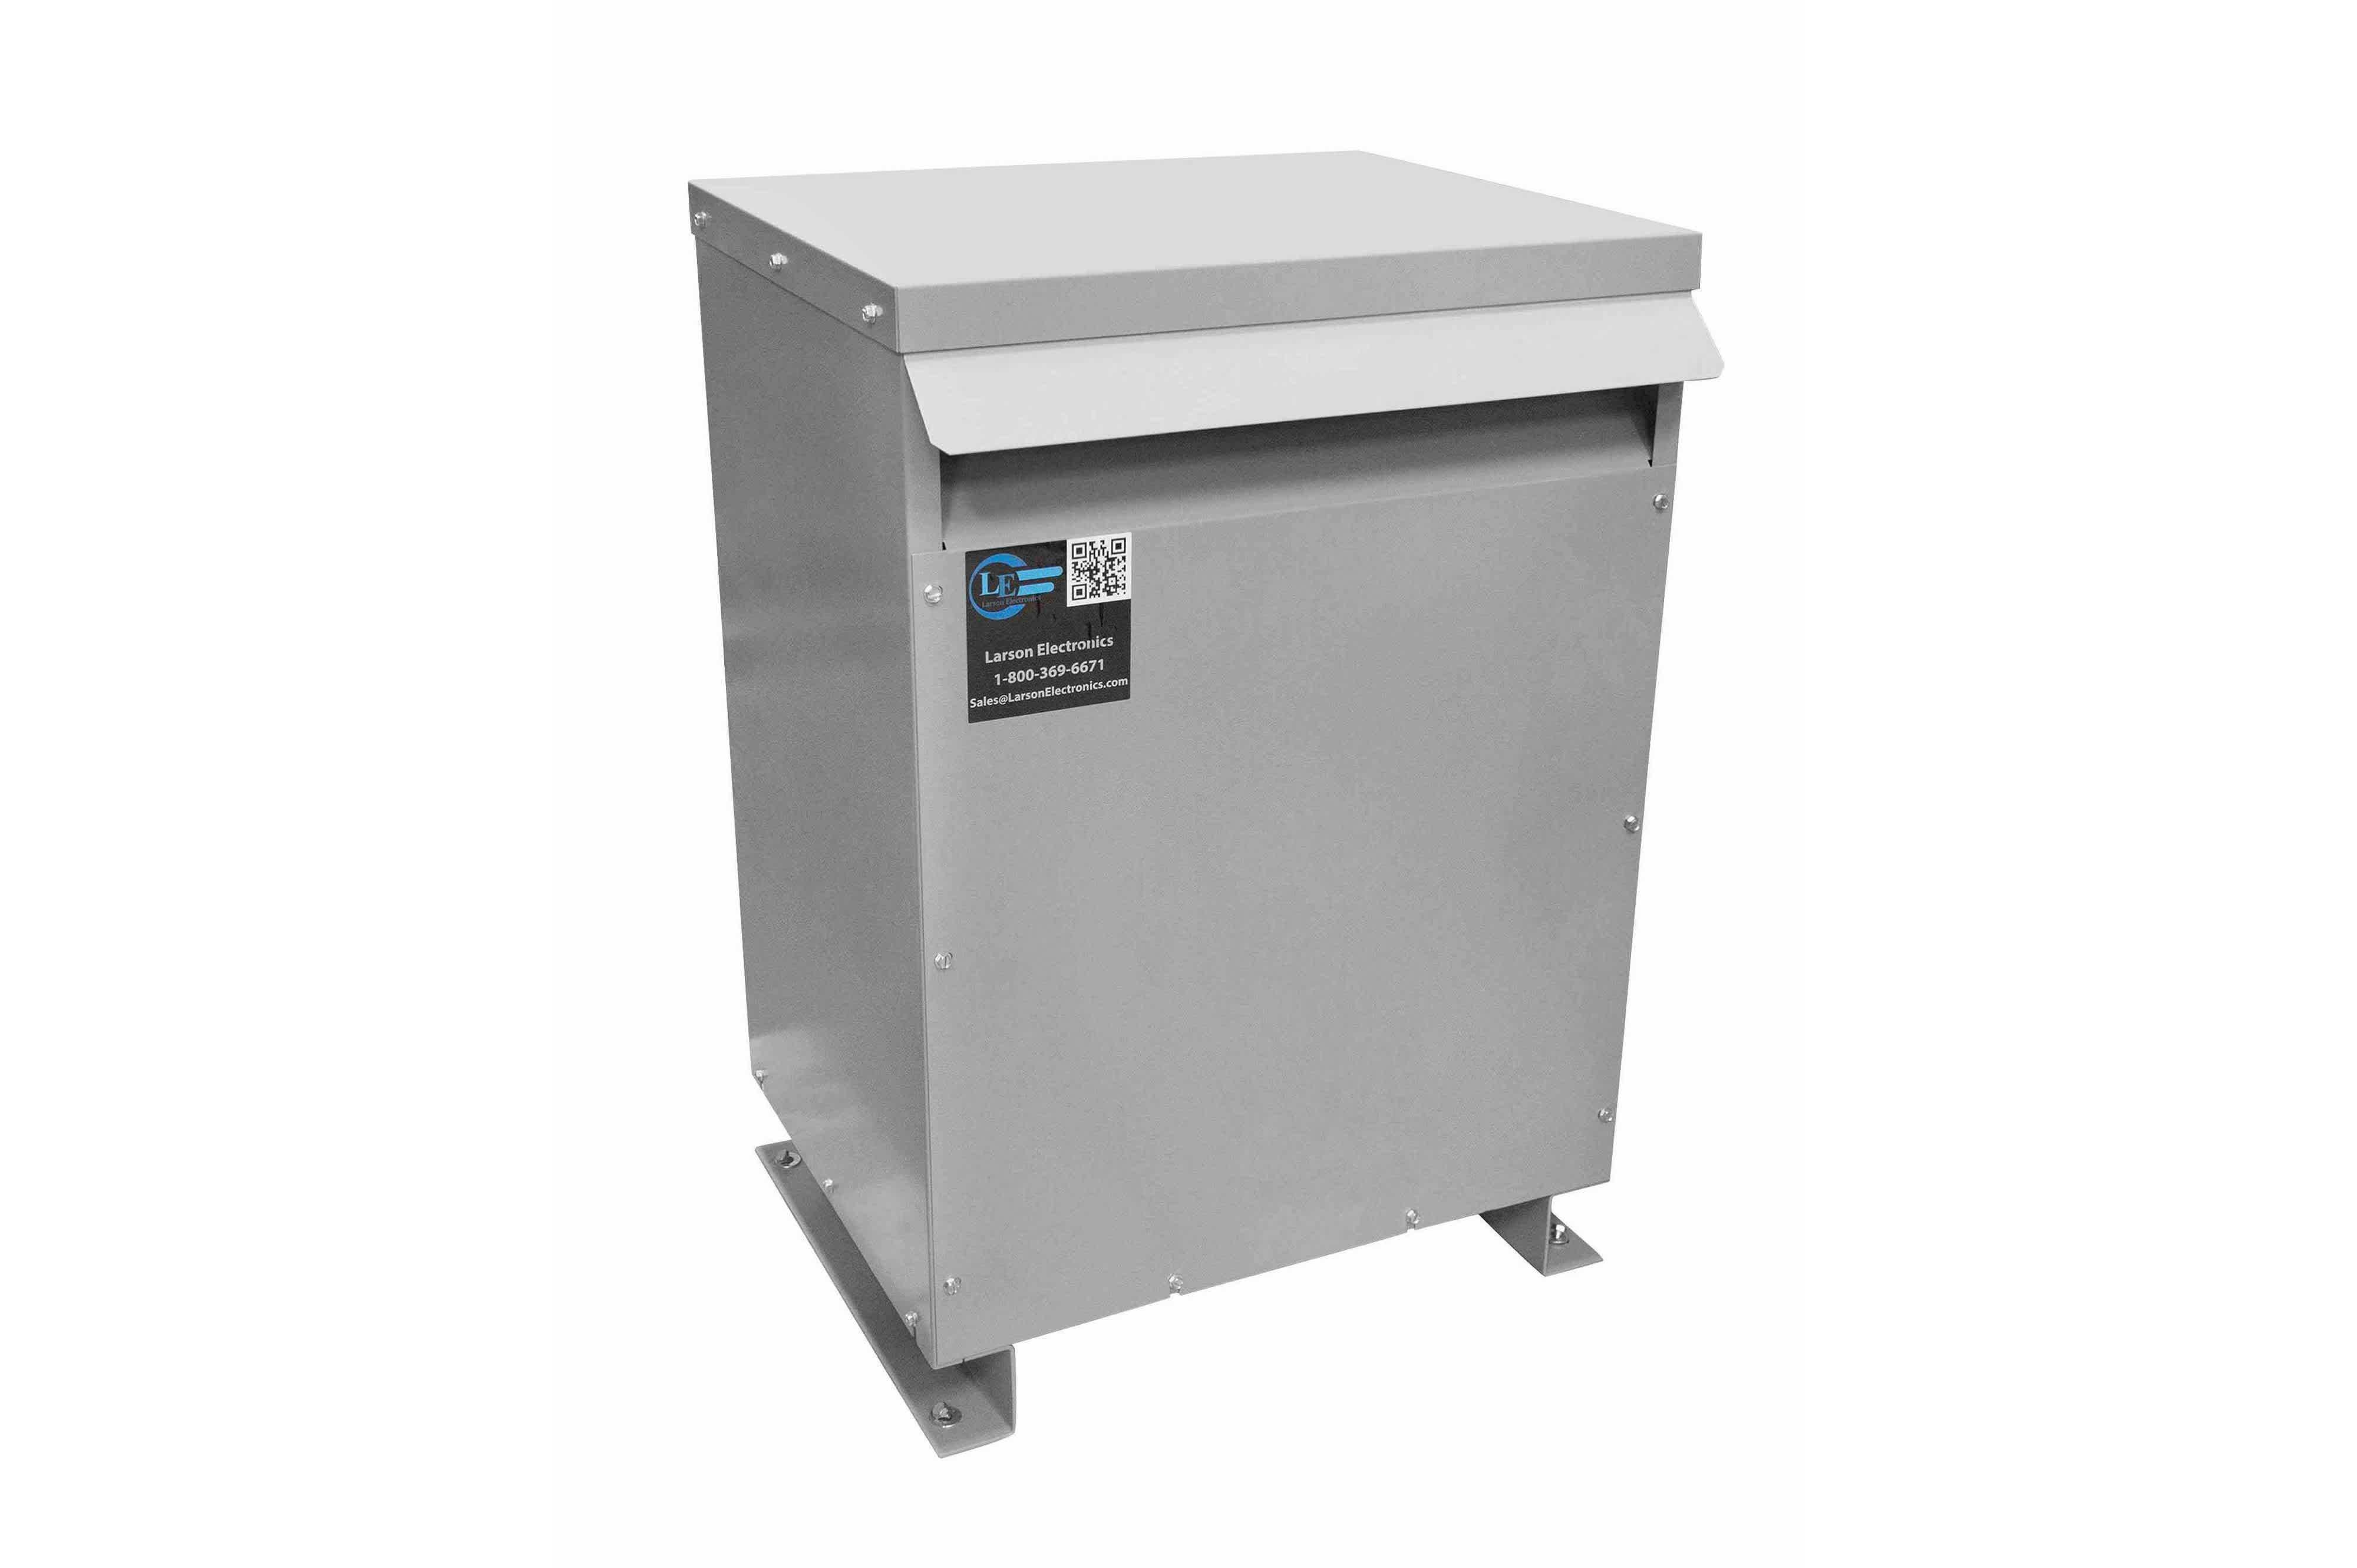 750 kVA 3PH Isolation Transformer, 380V Delta Primary, 208V Delta Secondary, N3R, Ventilated, 60 Hz